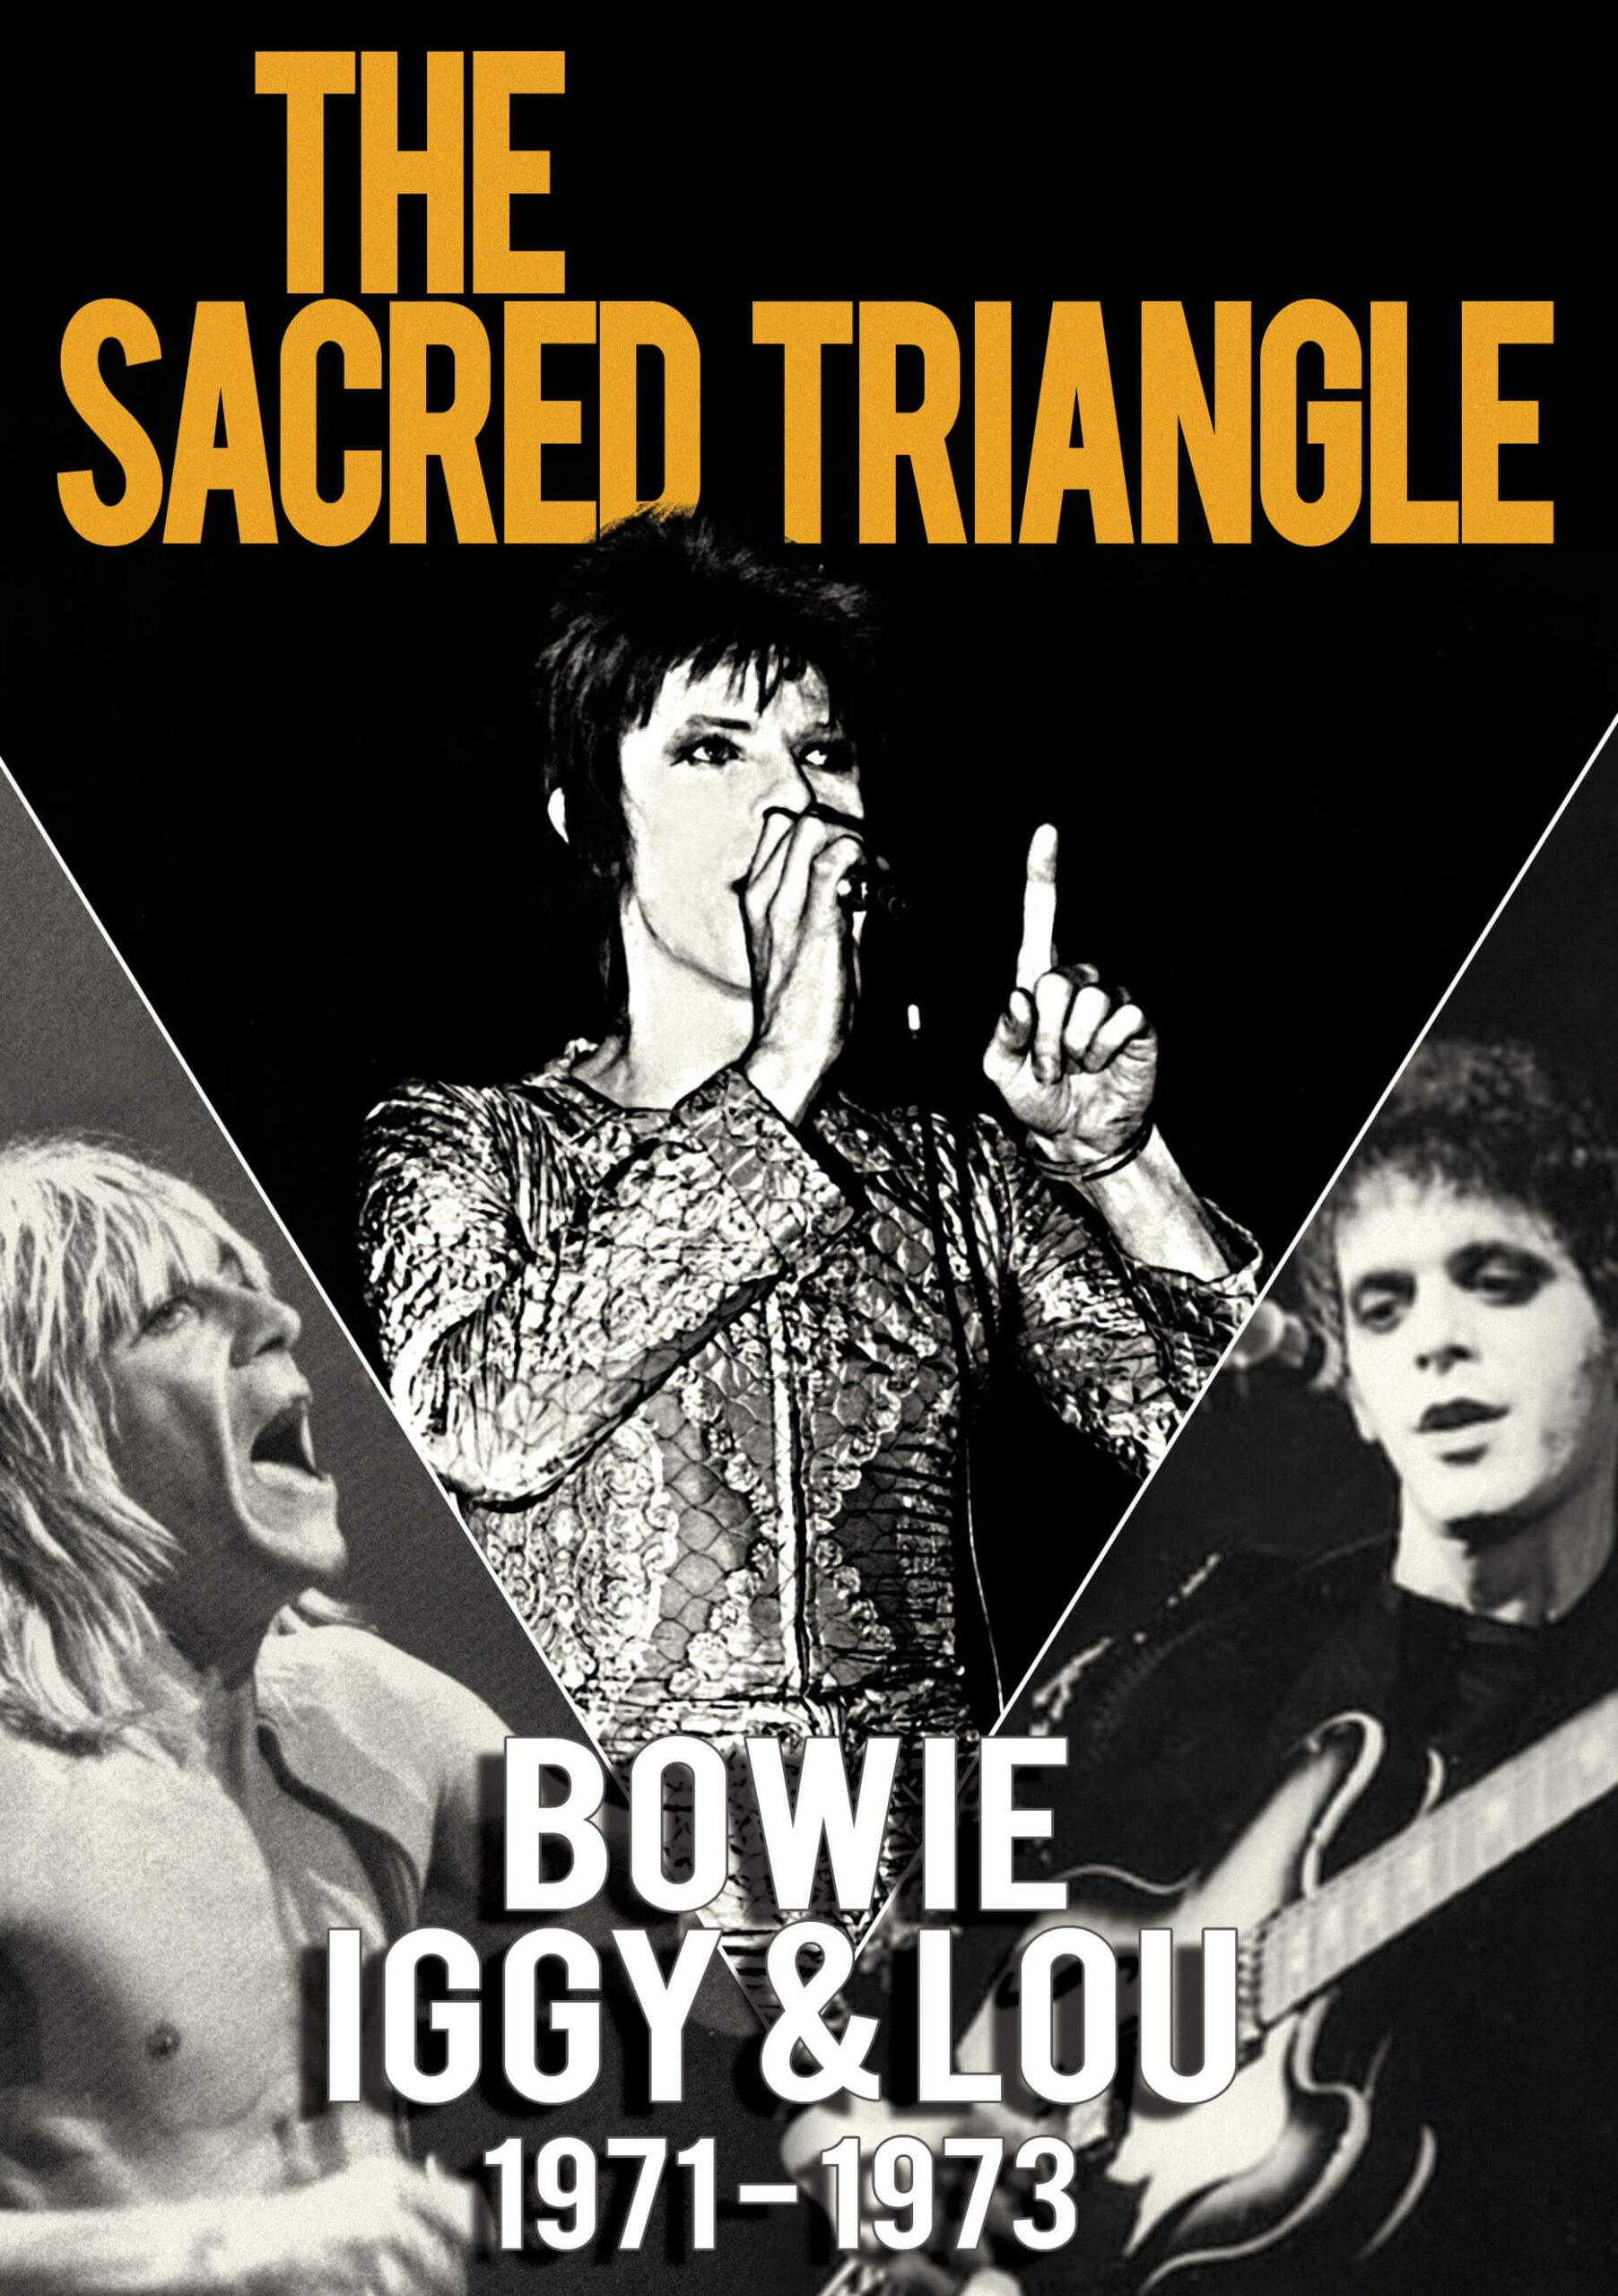 The Sacred Triangle - Bowie, Iggy & Lou 1971-1973